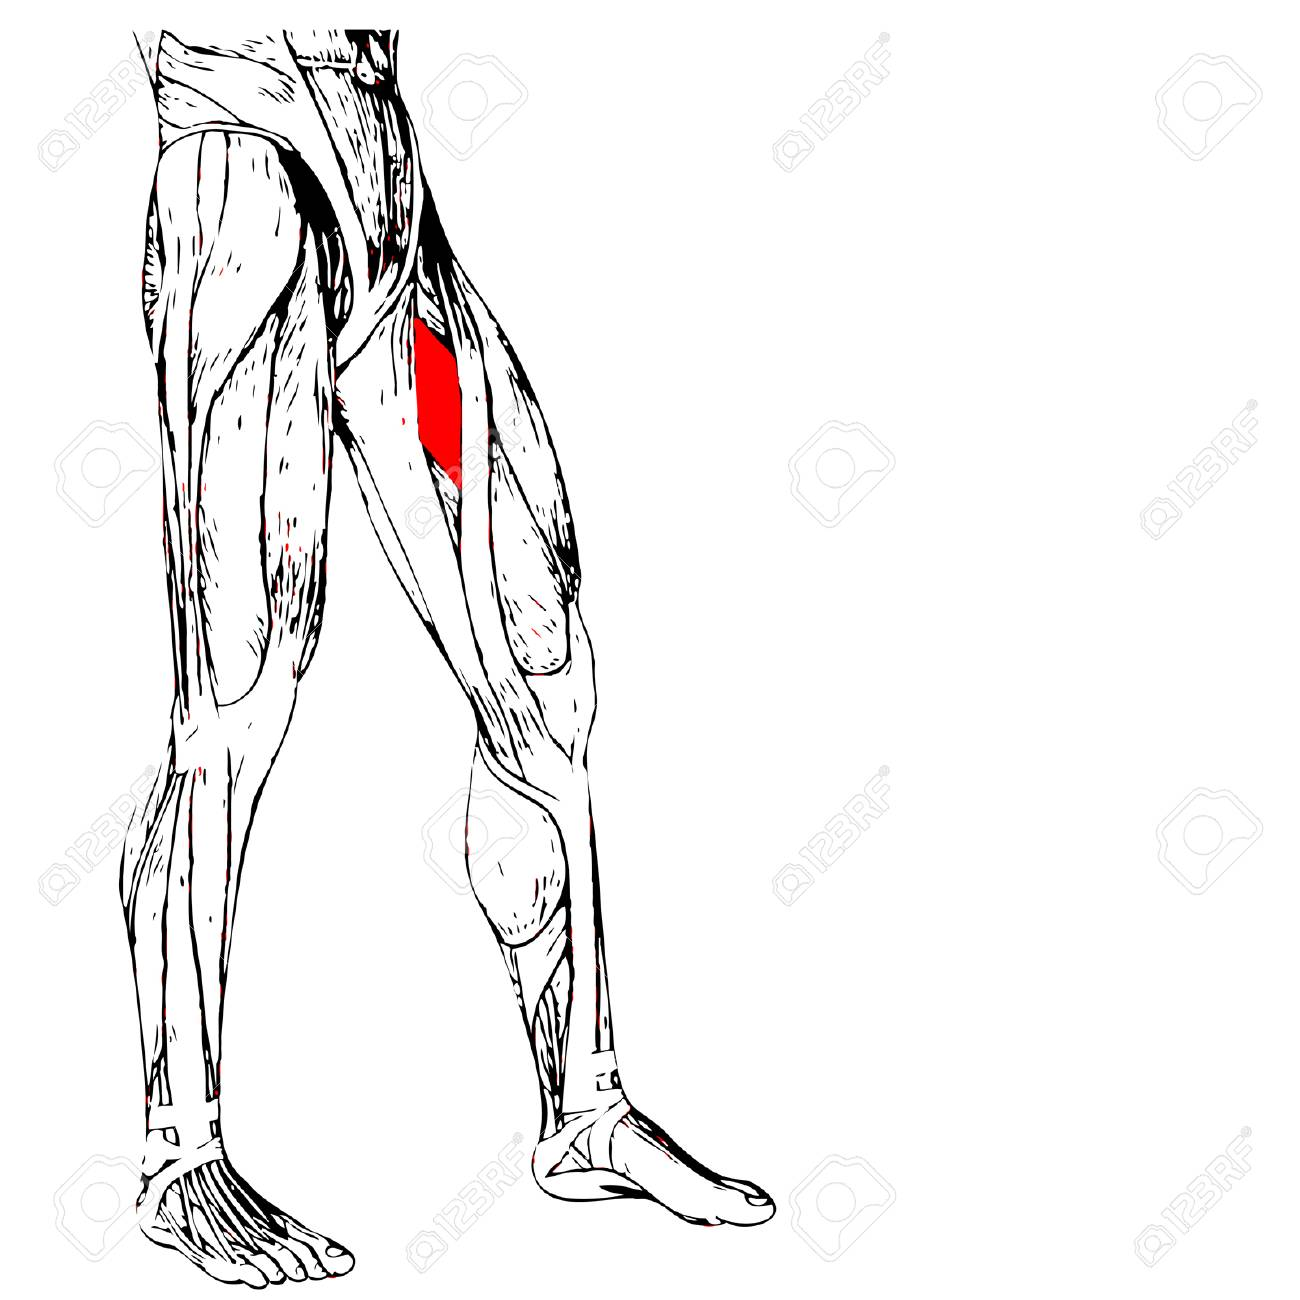 Ziemlich Herzkörperbild Fotos - Menschliche Anatomie Bilder ...